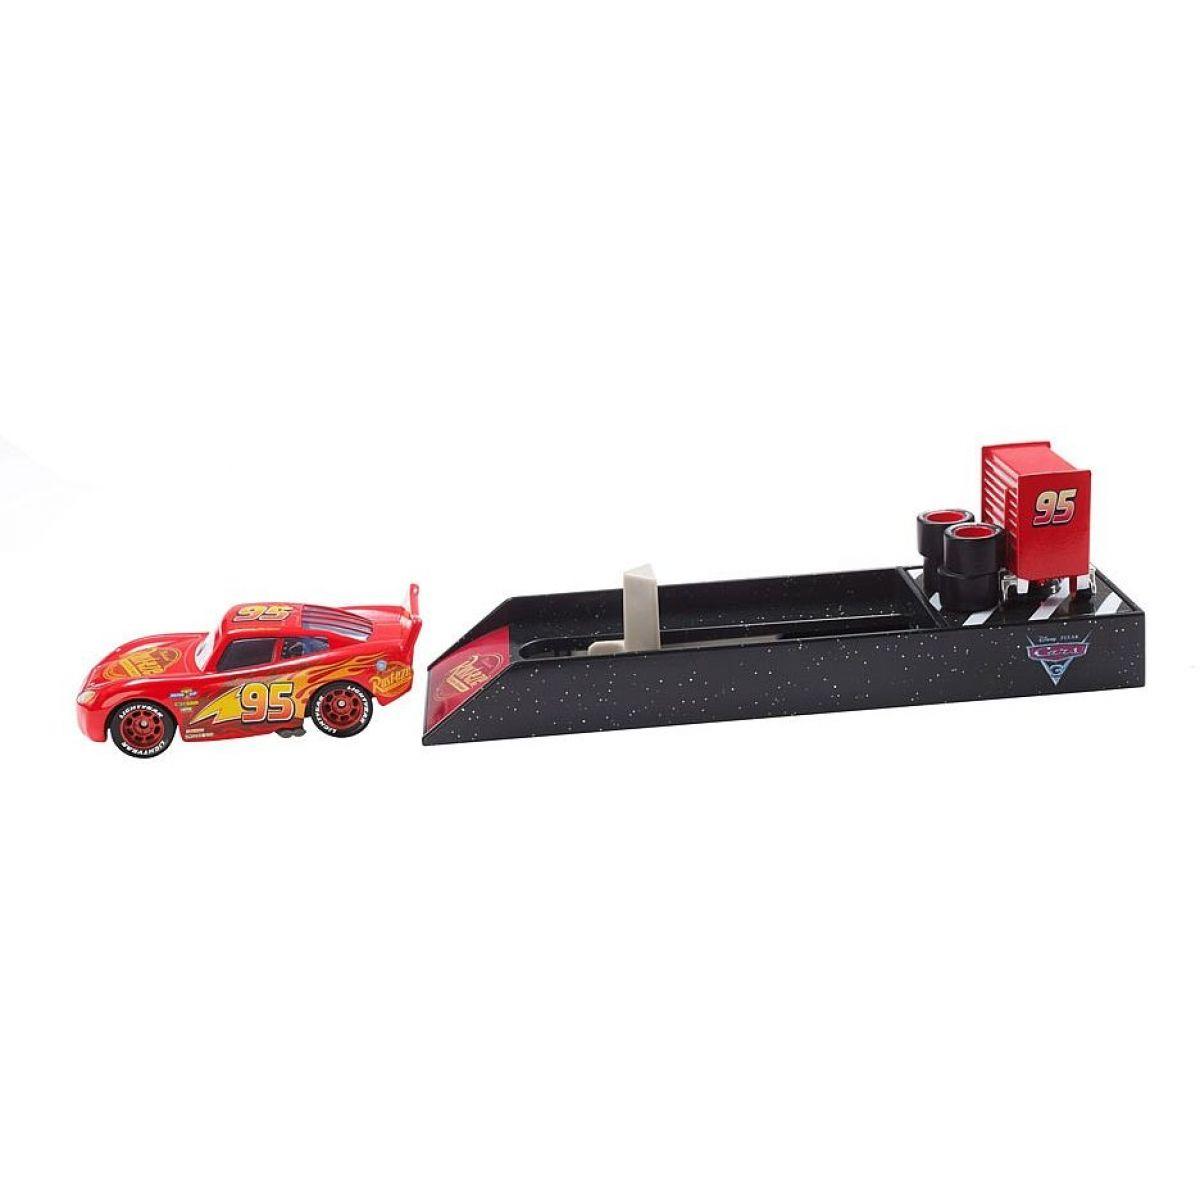 Mattel Cars 3 Vystřelovač s autíčkem Blesk McQueen